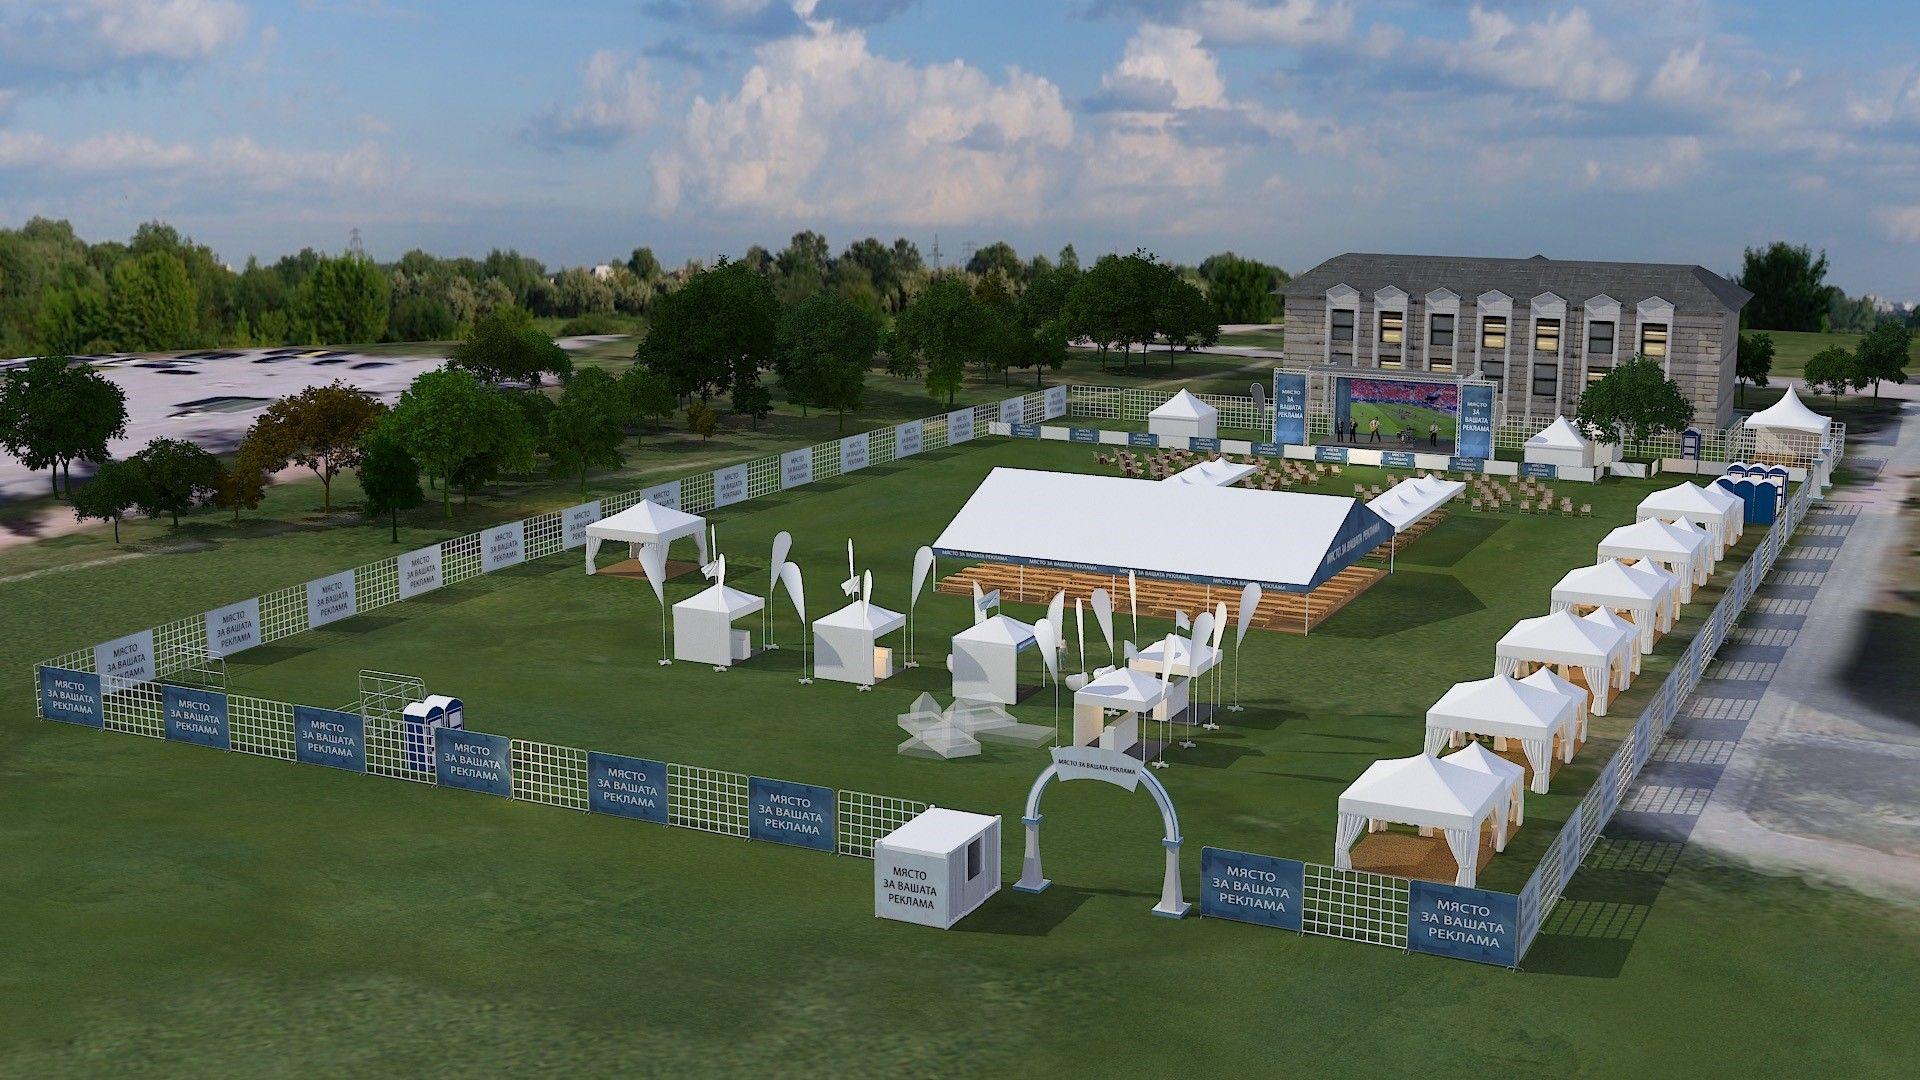 EURO CAMP отваря днес в Южен парк 2